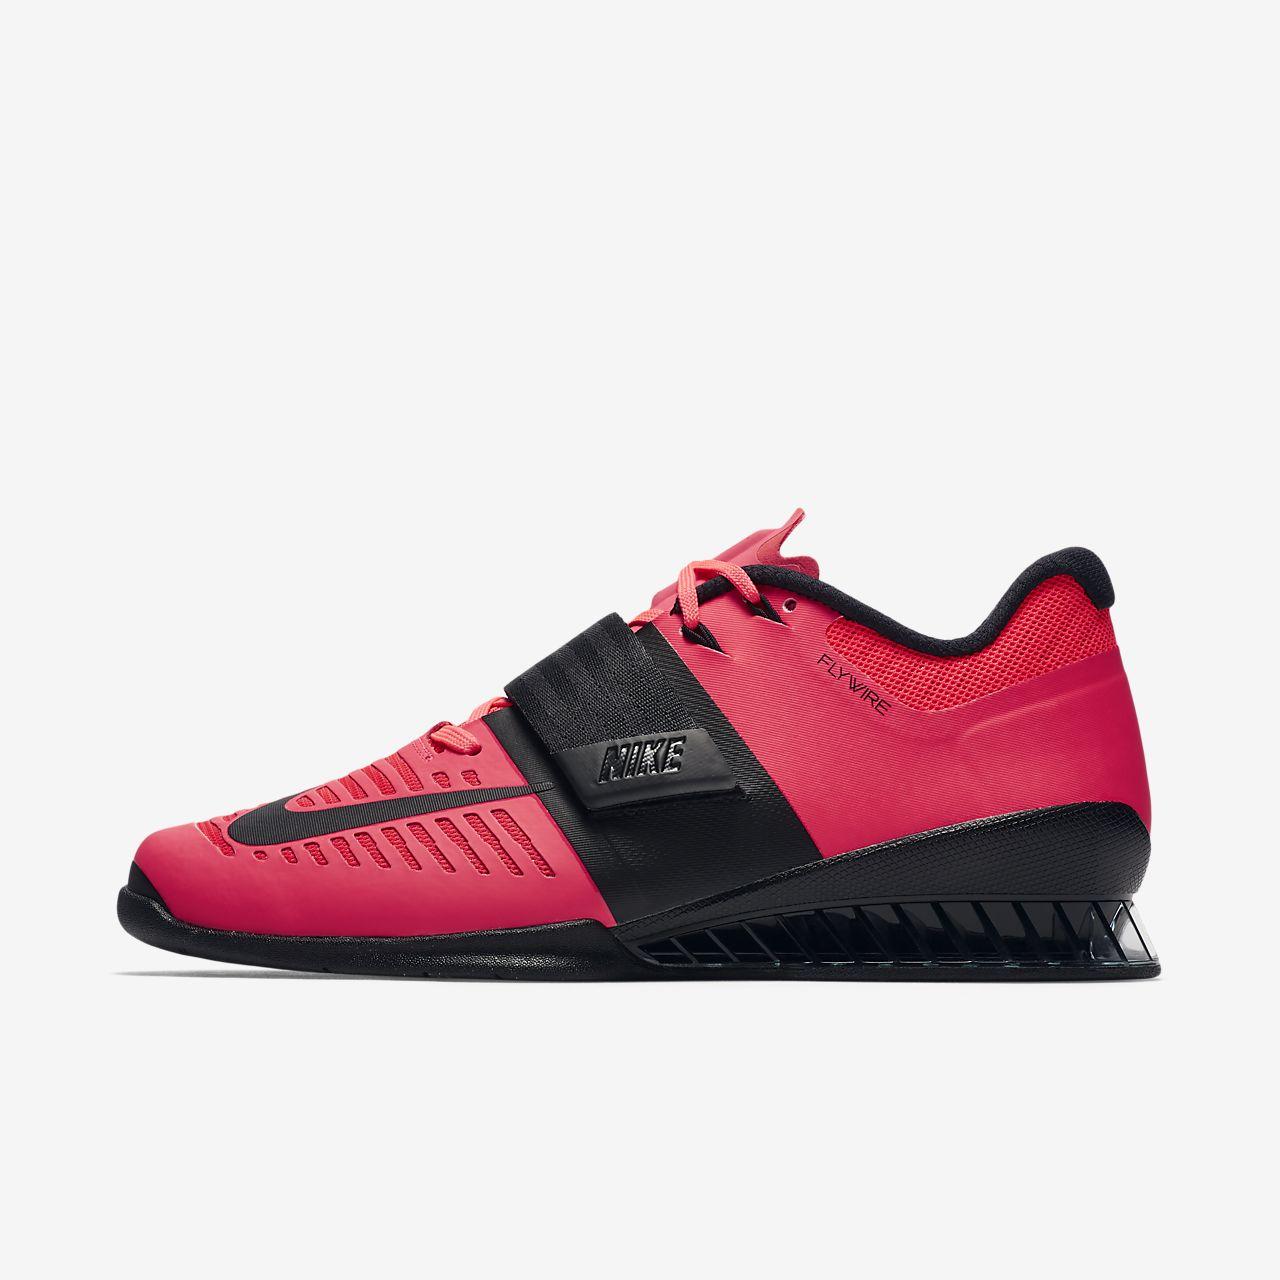 best service f6428 41d4f ... Chaussure de renforcement musculaire Nike Romaleos 3